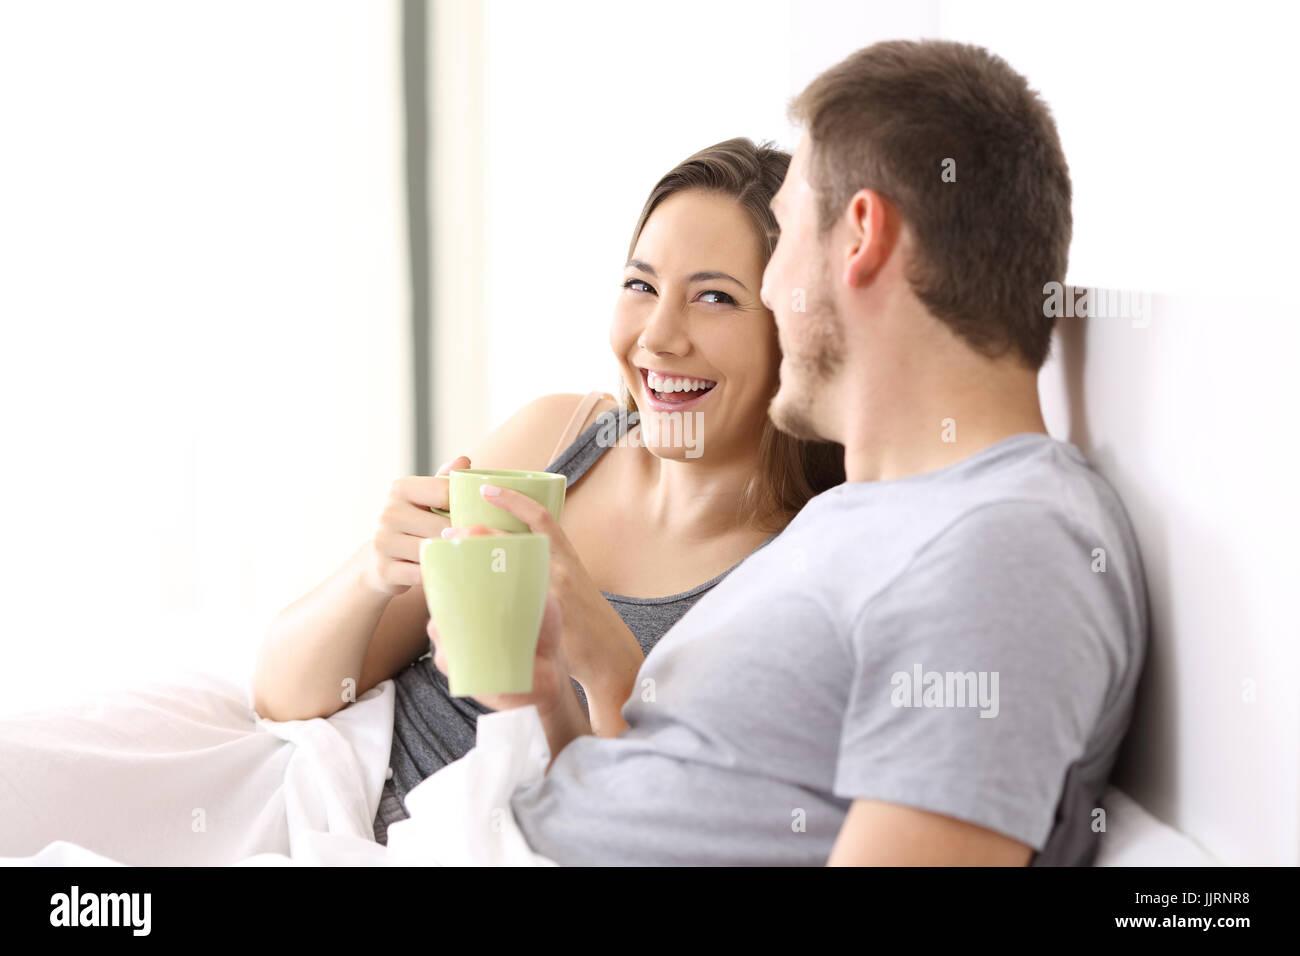 Feliz pareja desayunando y hablando sobre una cama de una habitación de hotel o casa Imagen De Stock